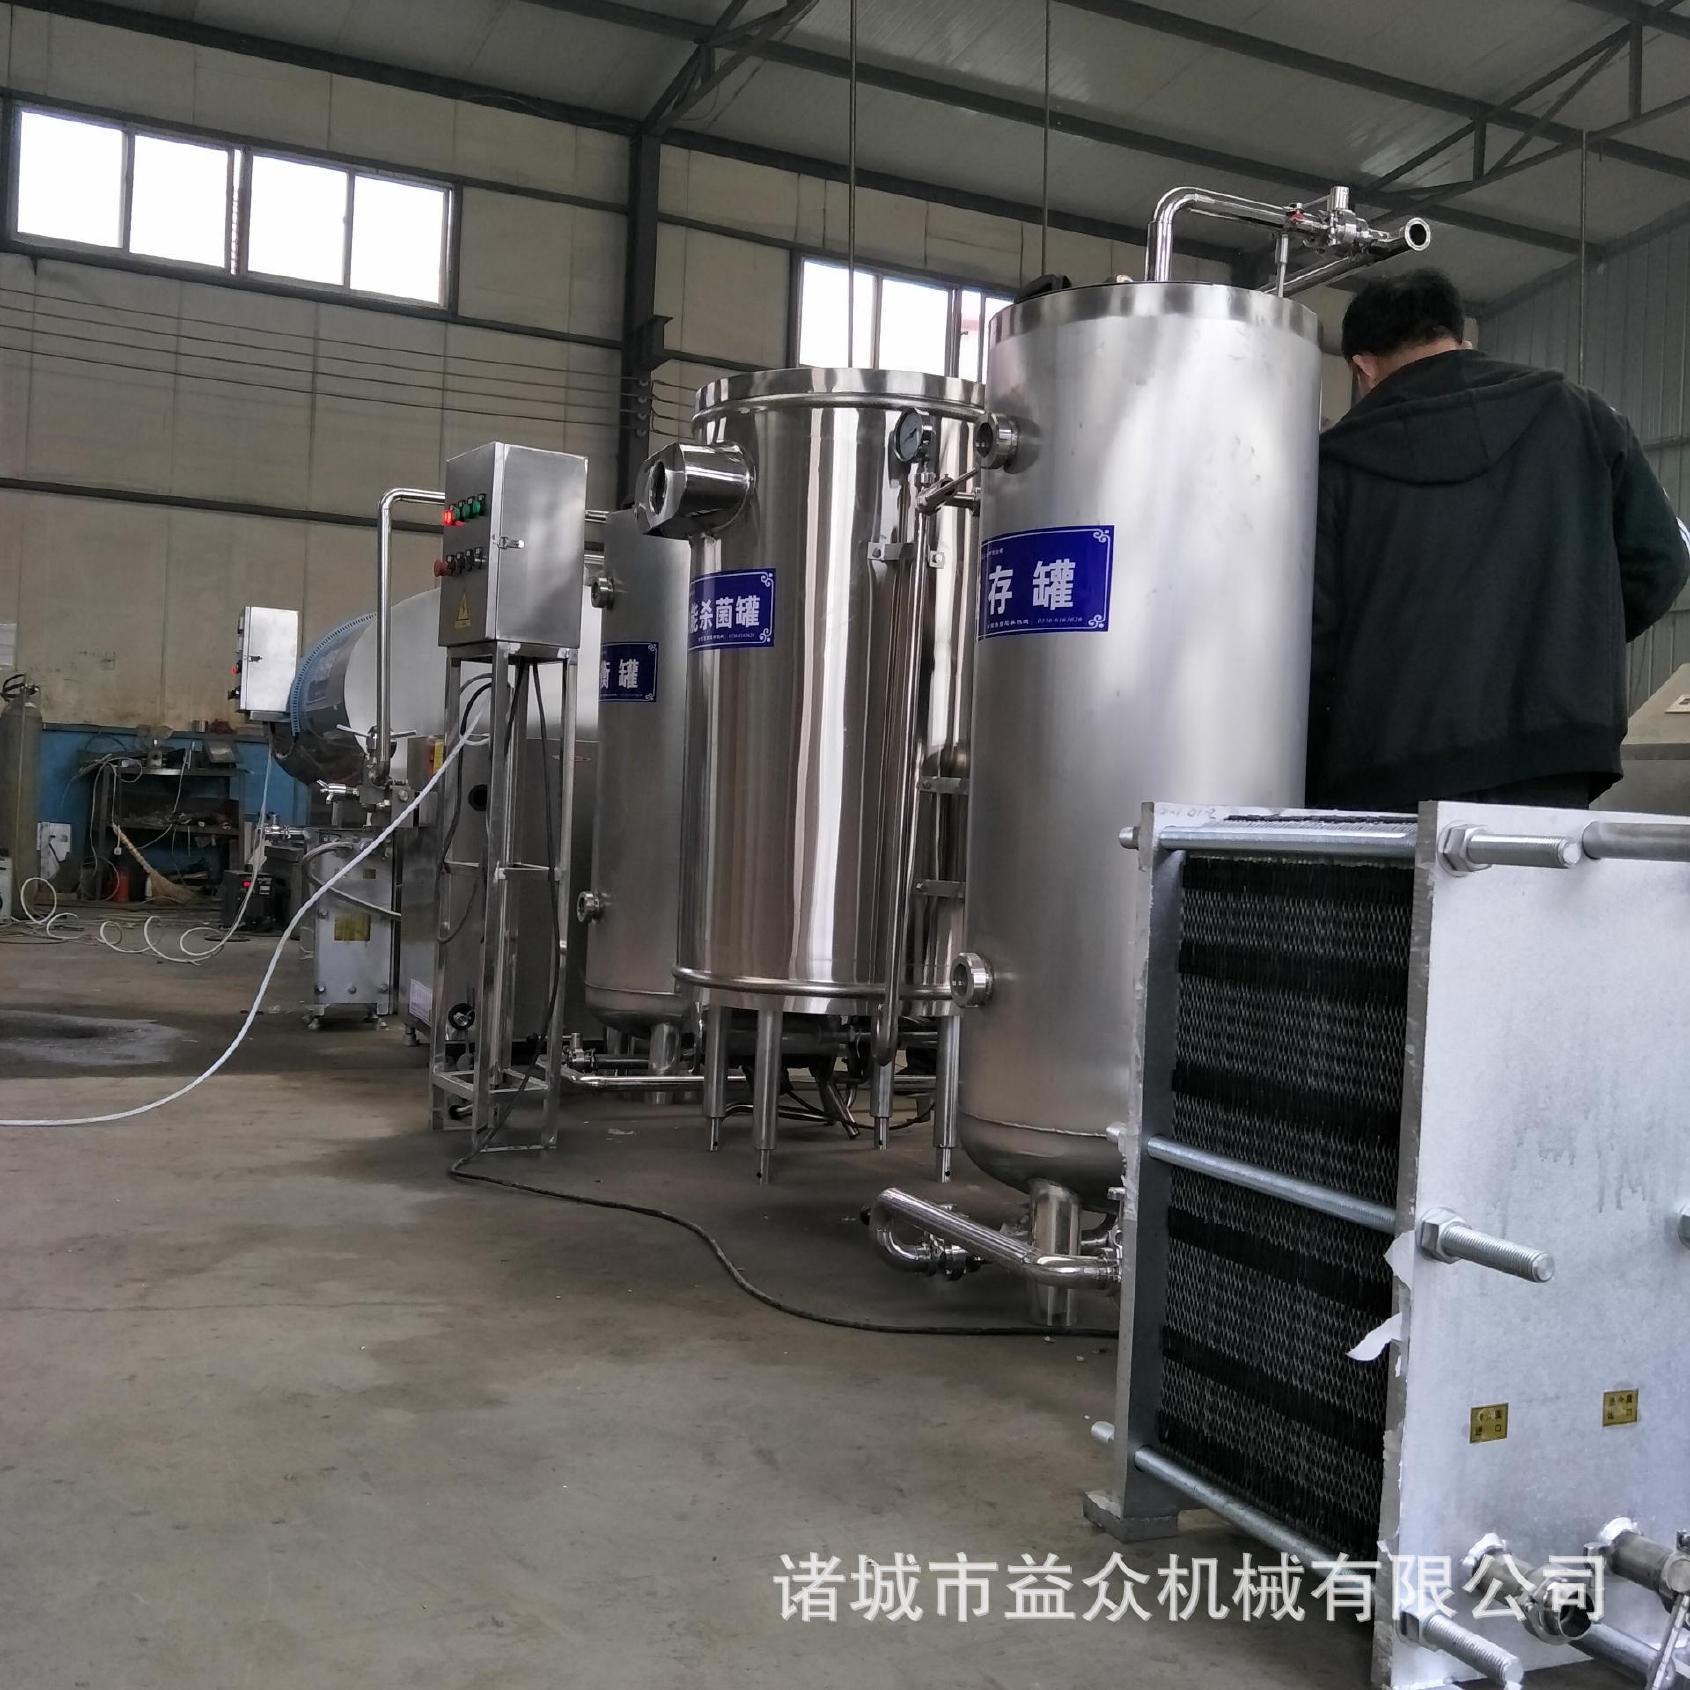 【中小型巴氏奶生产线一天一吨女装奶羊奶巴阿诗玛骆驼图片